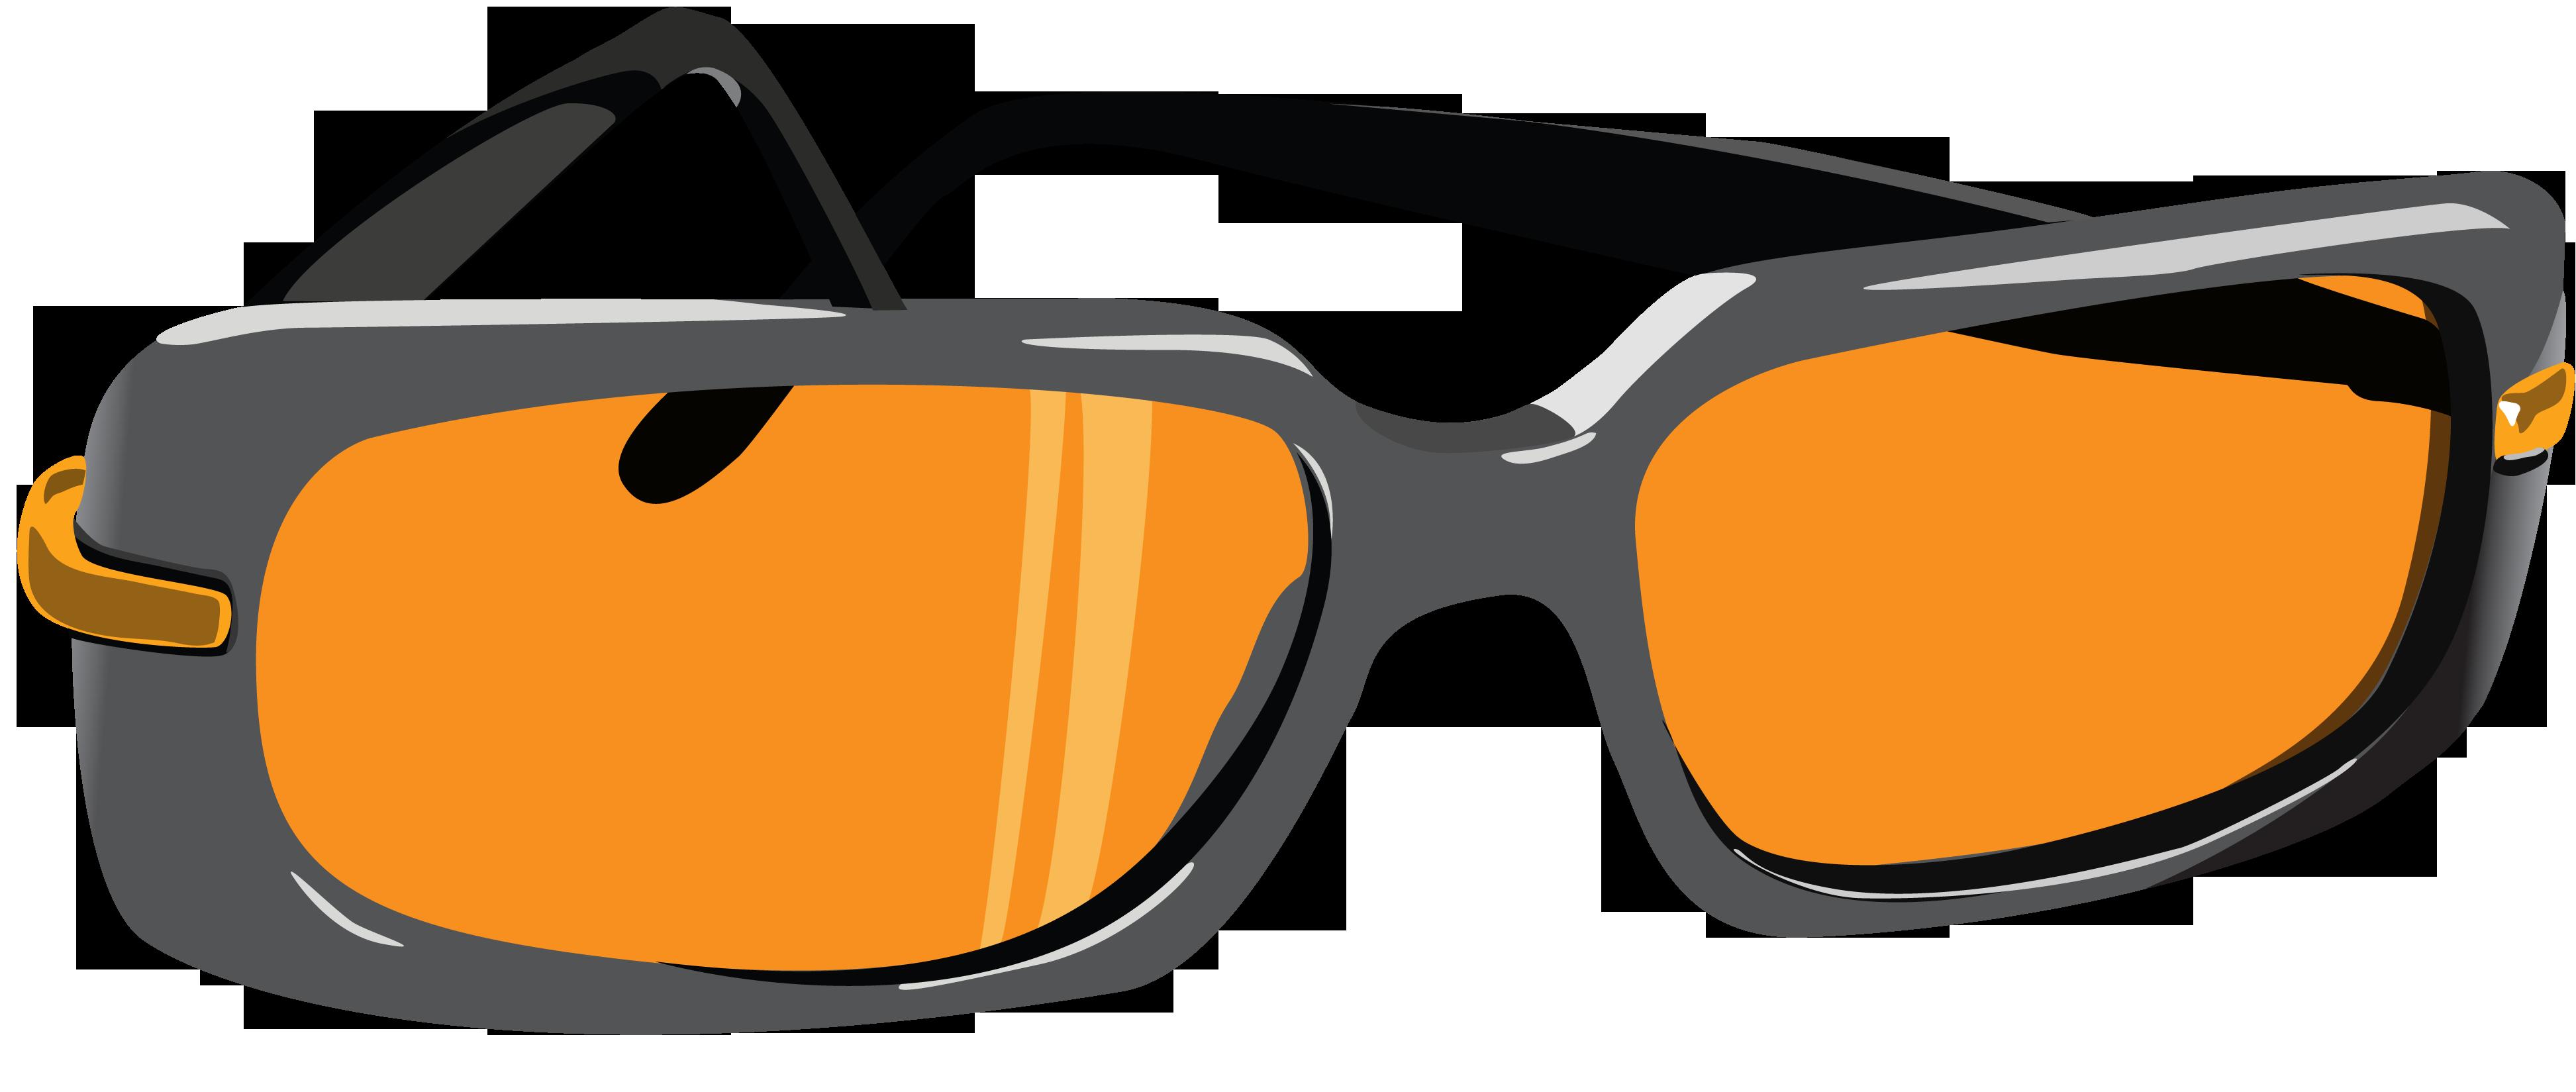 Clipart glasses chasma